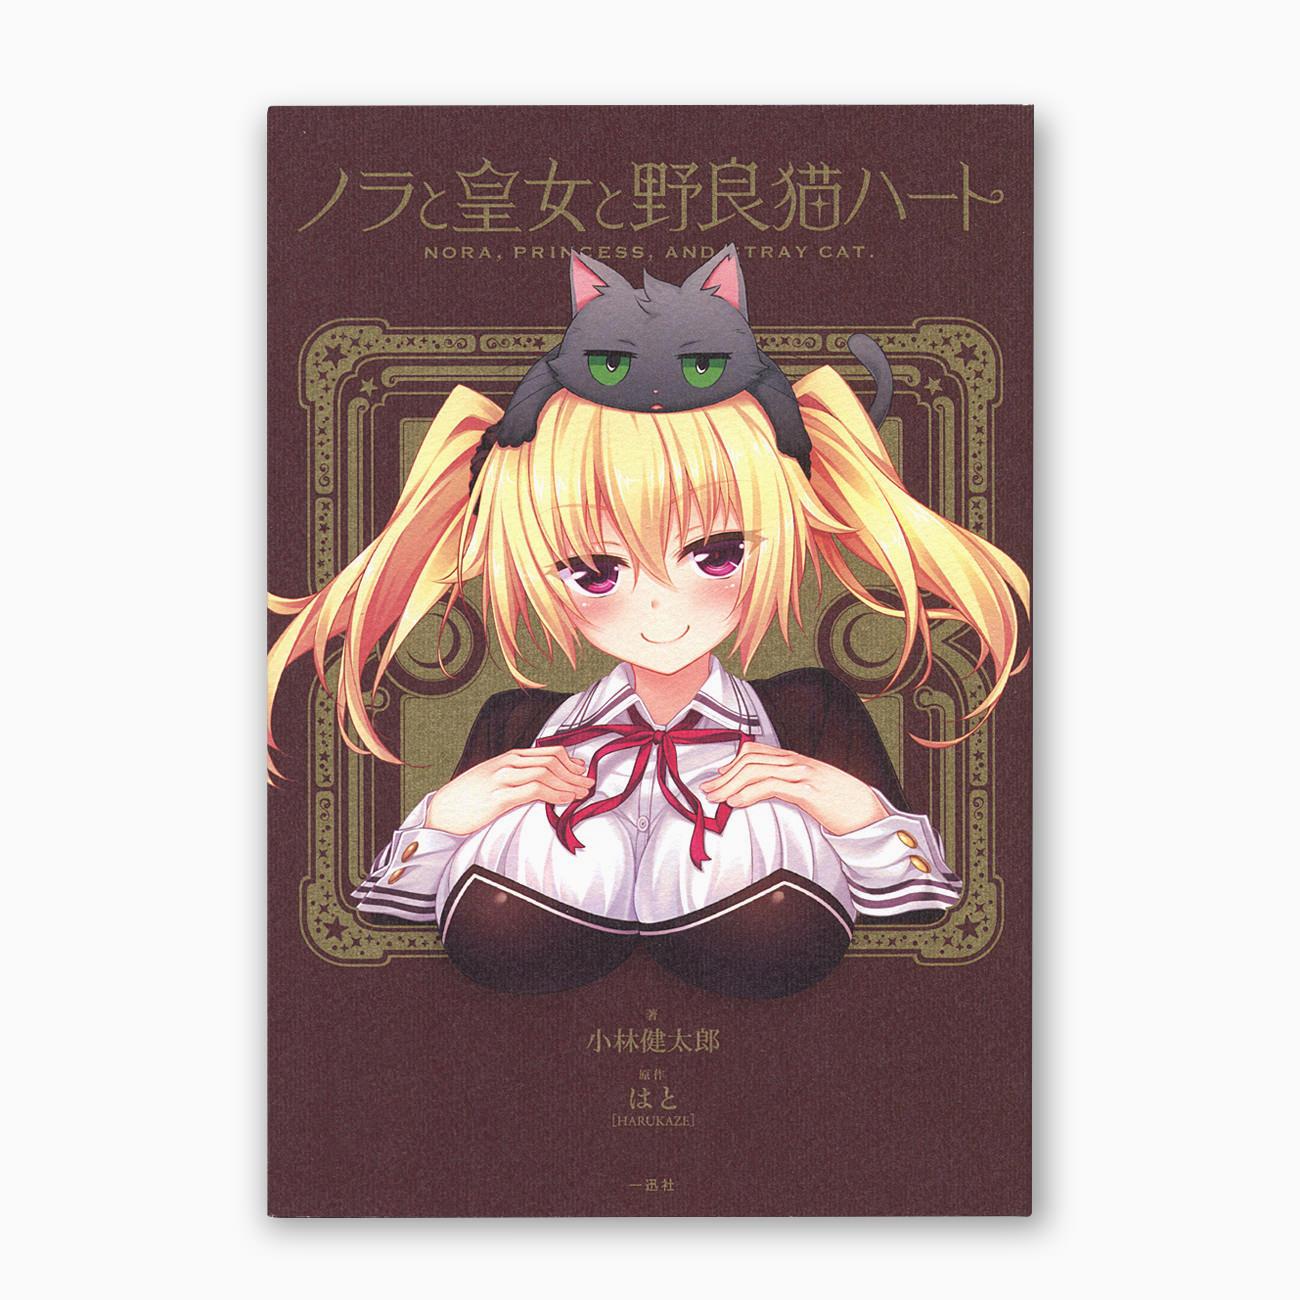 ノラと皇女と野良猫ハート 著:小林健太郎 原作:はと(HARUKAZE)